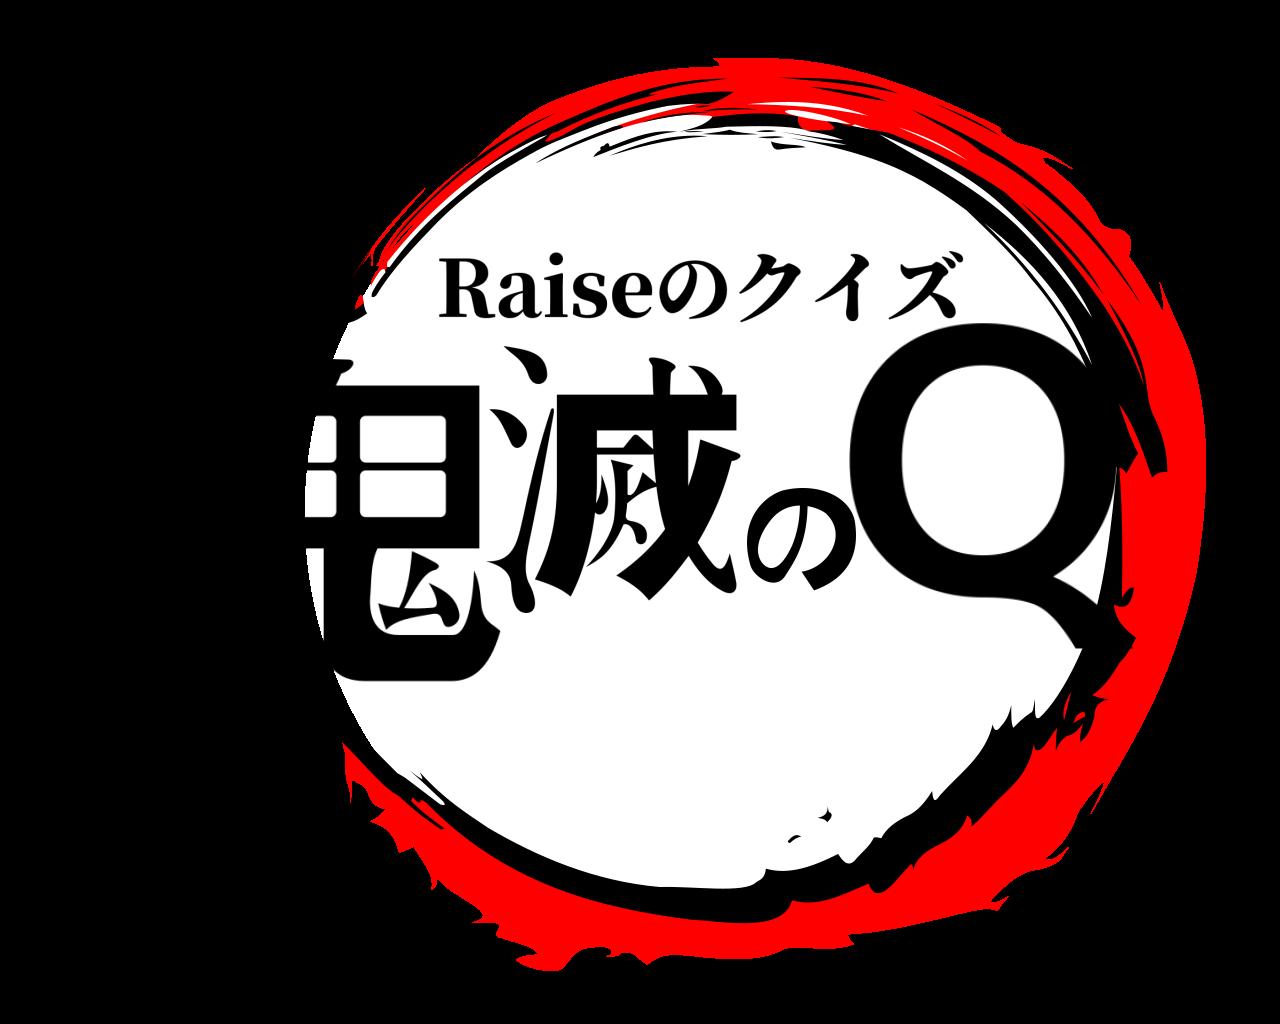 タイトル 鬼 刃 ロゴ の 滅